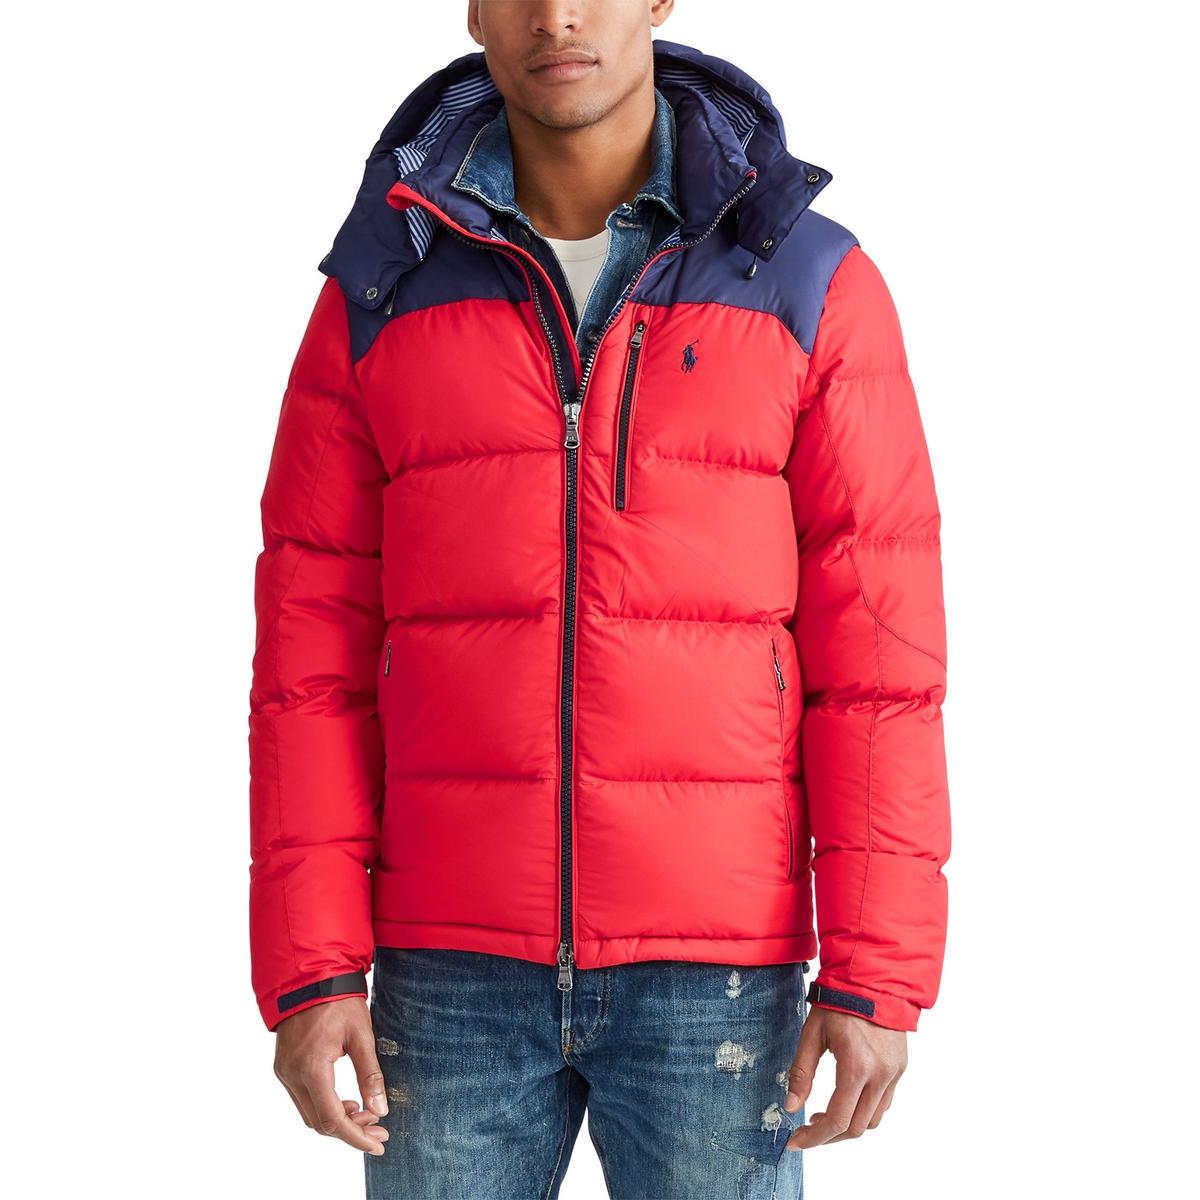 Куртка La Redoute Стеганая на молнии из двух материалов со съемным капюшоном L синий пуховая стеганая куртка с капюшоном